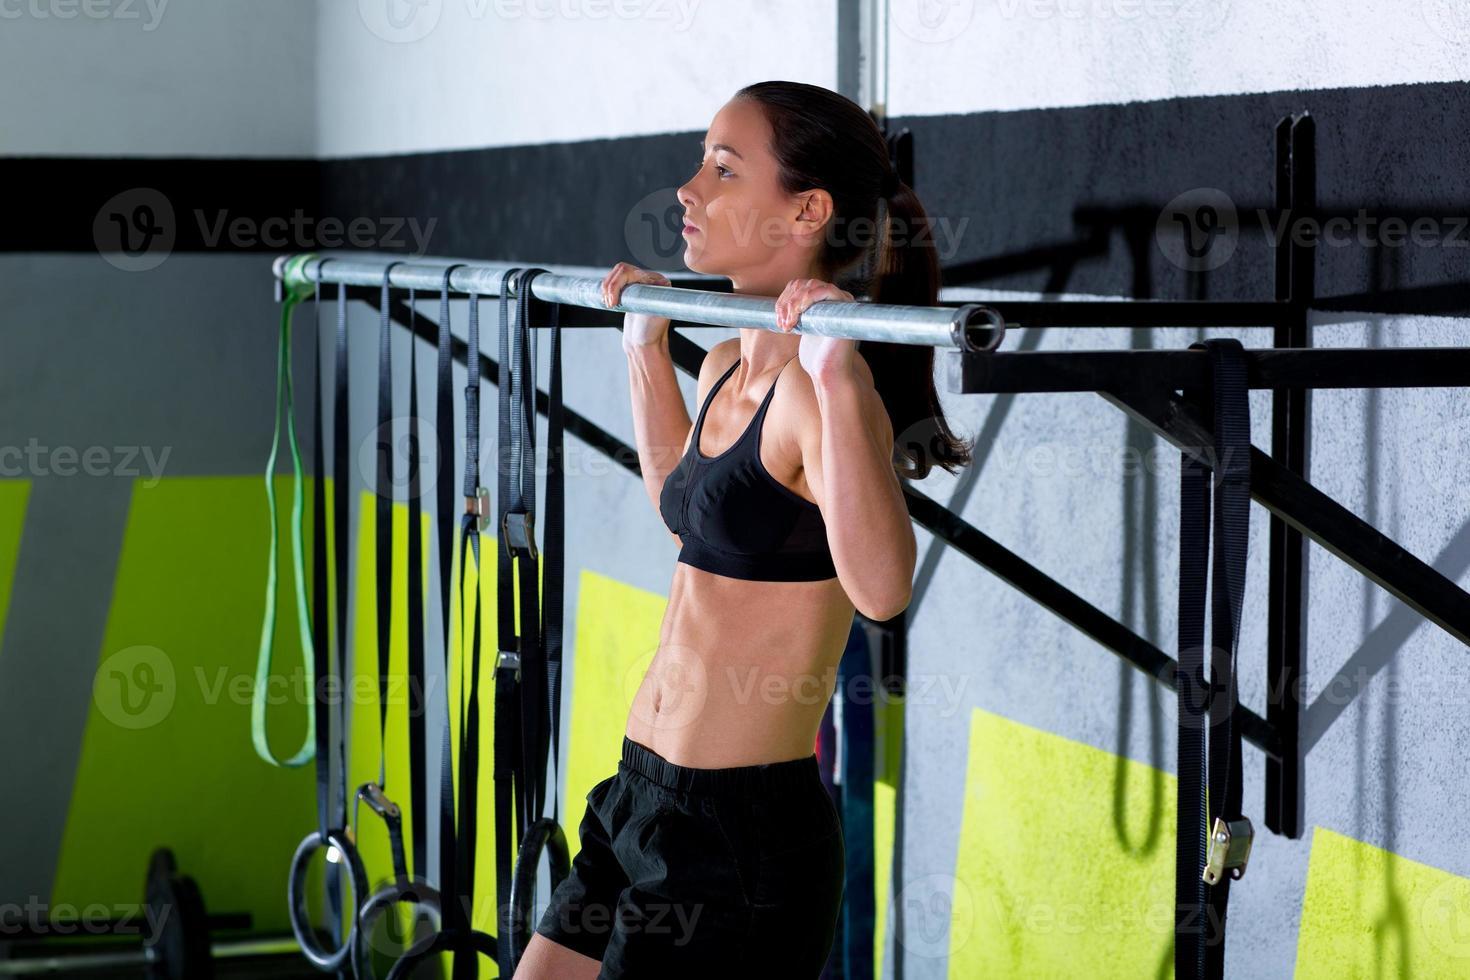 dedos do pé do ginásio para bar mulher pull-ups treino de 2 barras foto